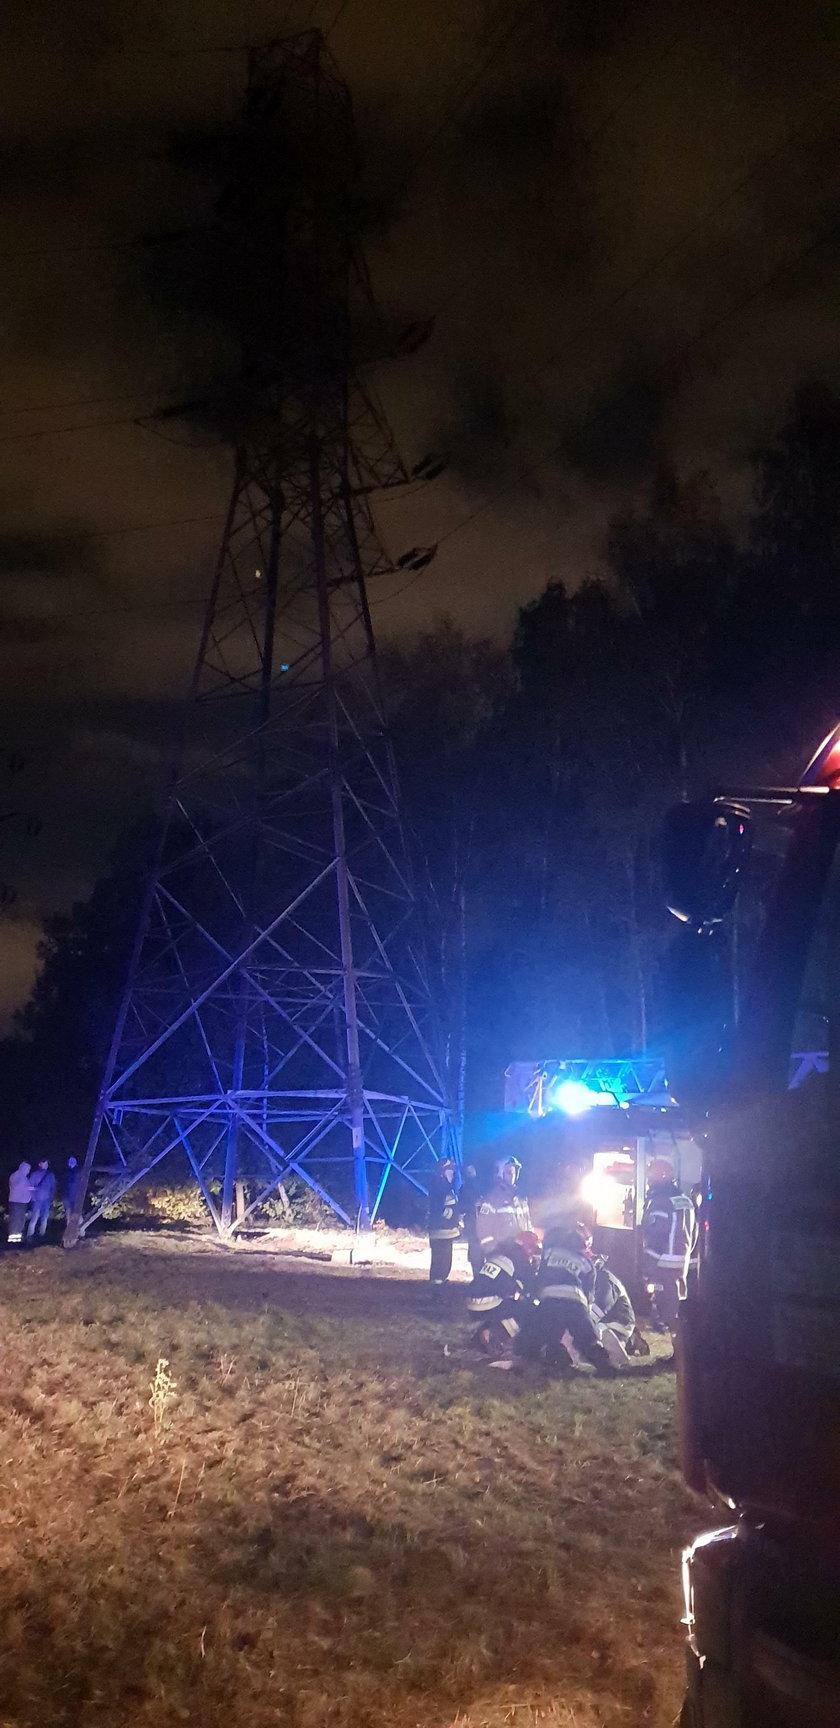 Łódź: mężczyzna porażony prądem na słupie wysokiego napięcia